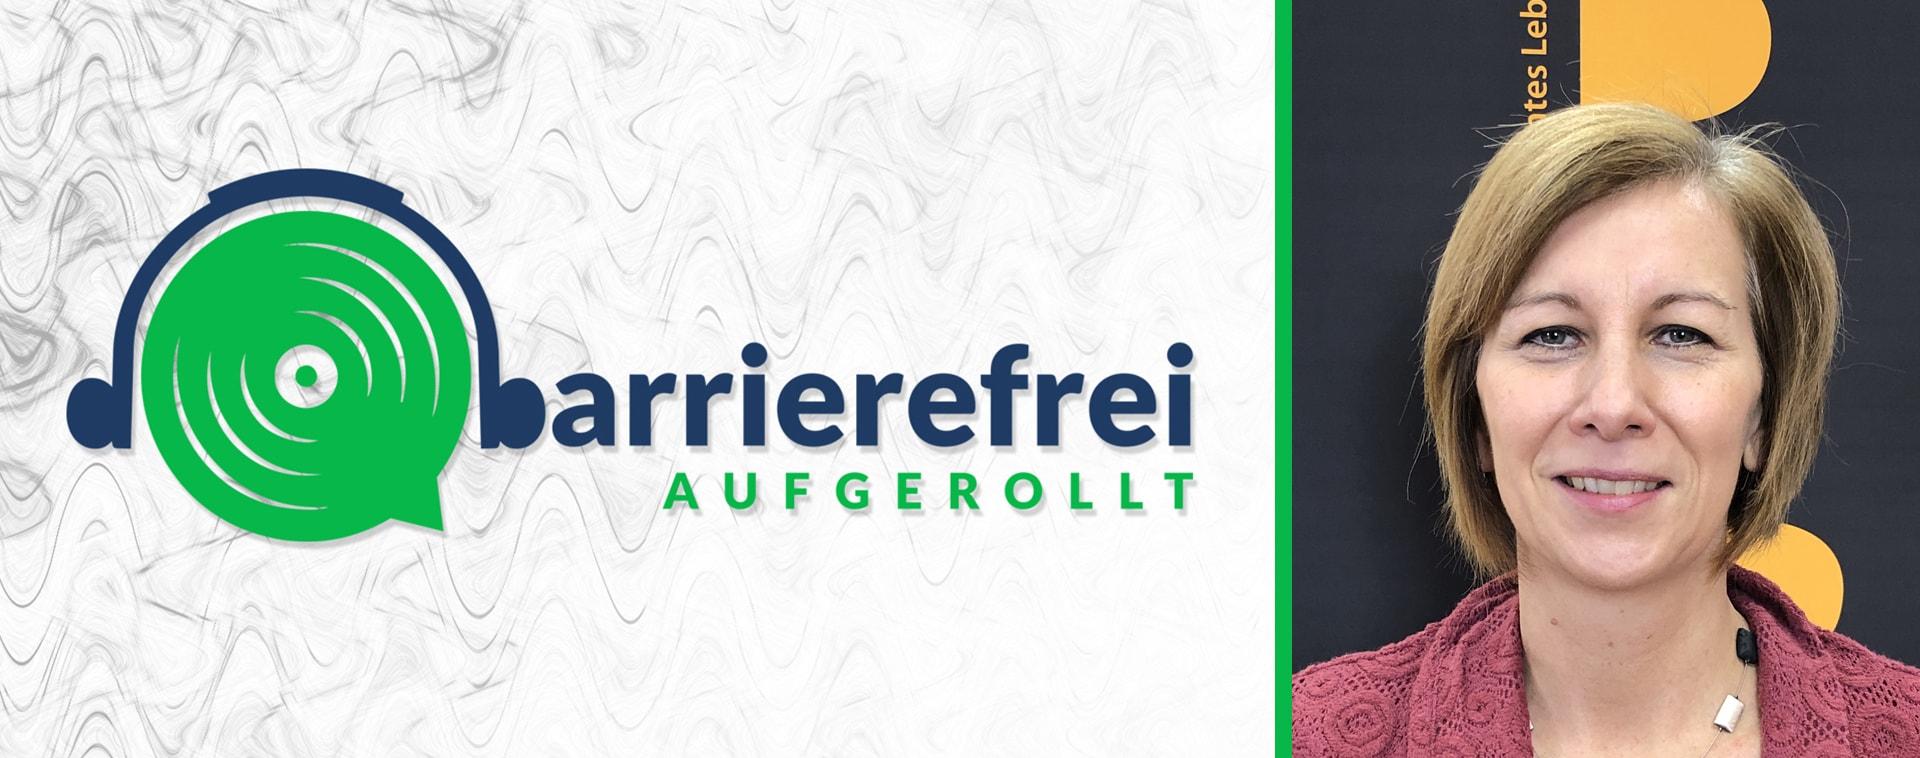 Die linken 2 Drittel sind das Logo von barrierefrei aufgerollt, ein Kopfhörer der auf einem Lautsprecher sitzt und das b geht über zu barrierefrei aufgerollt. Das rechte Drittel ein Portrait von Annemarie Schlack.